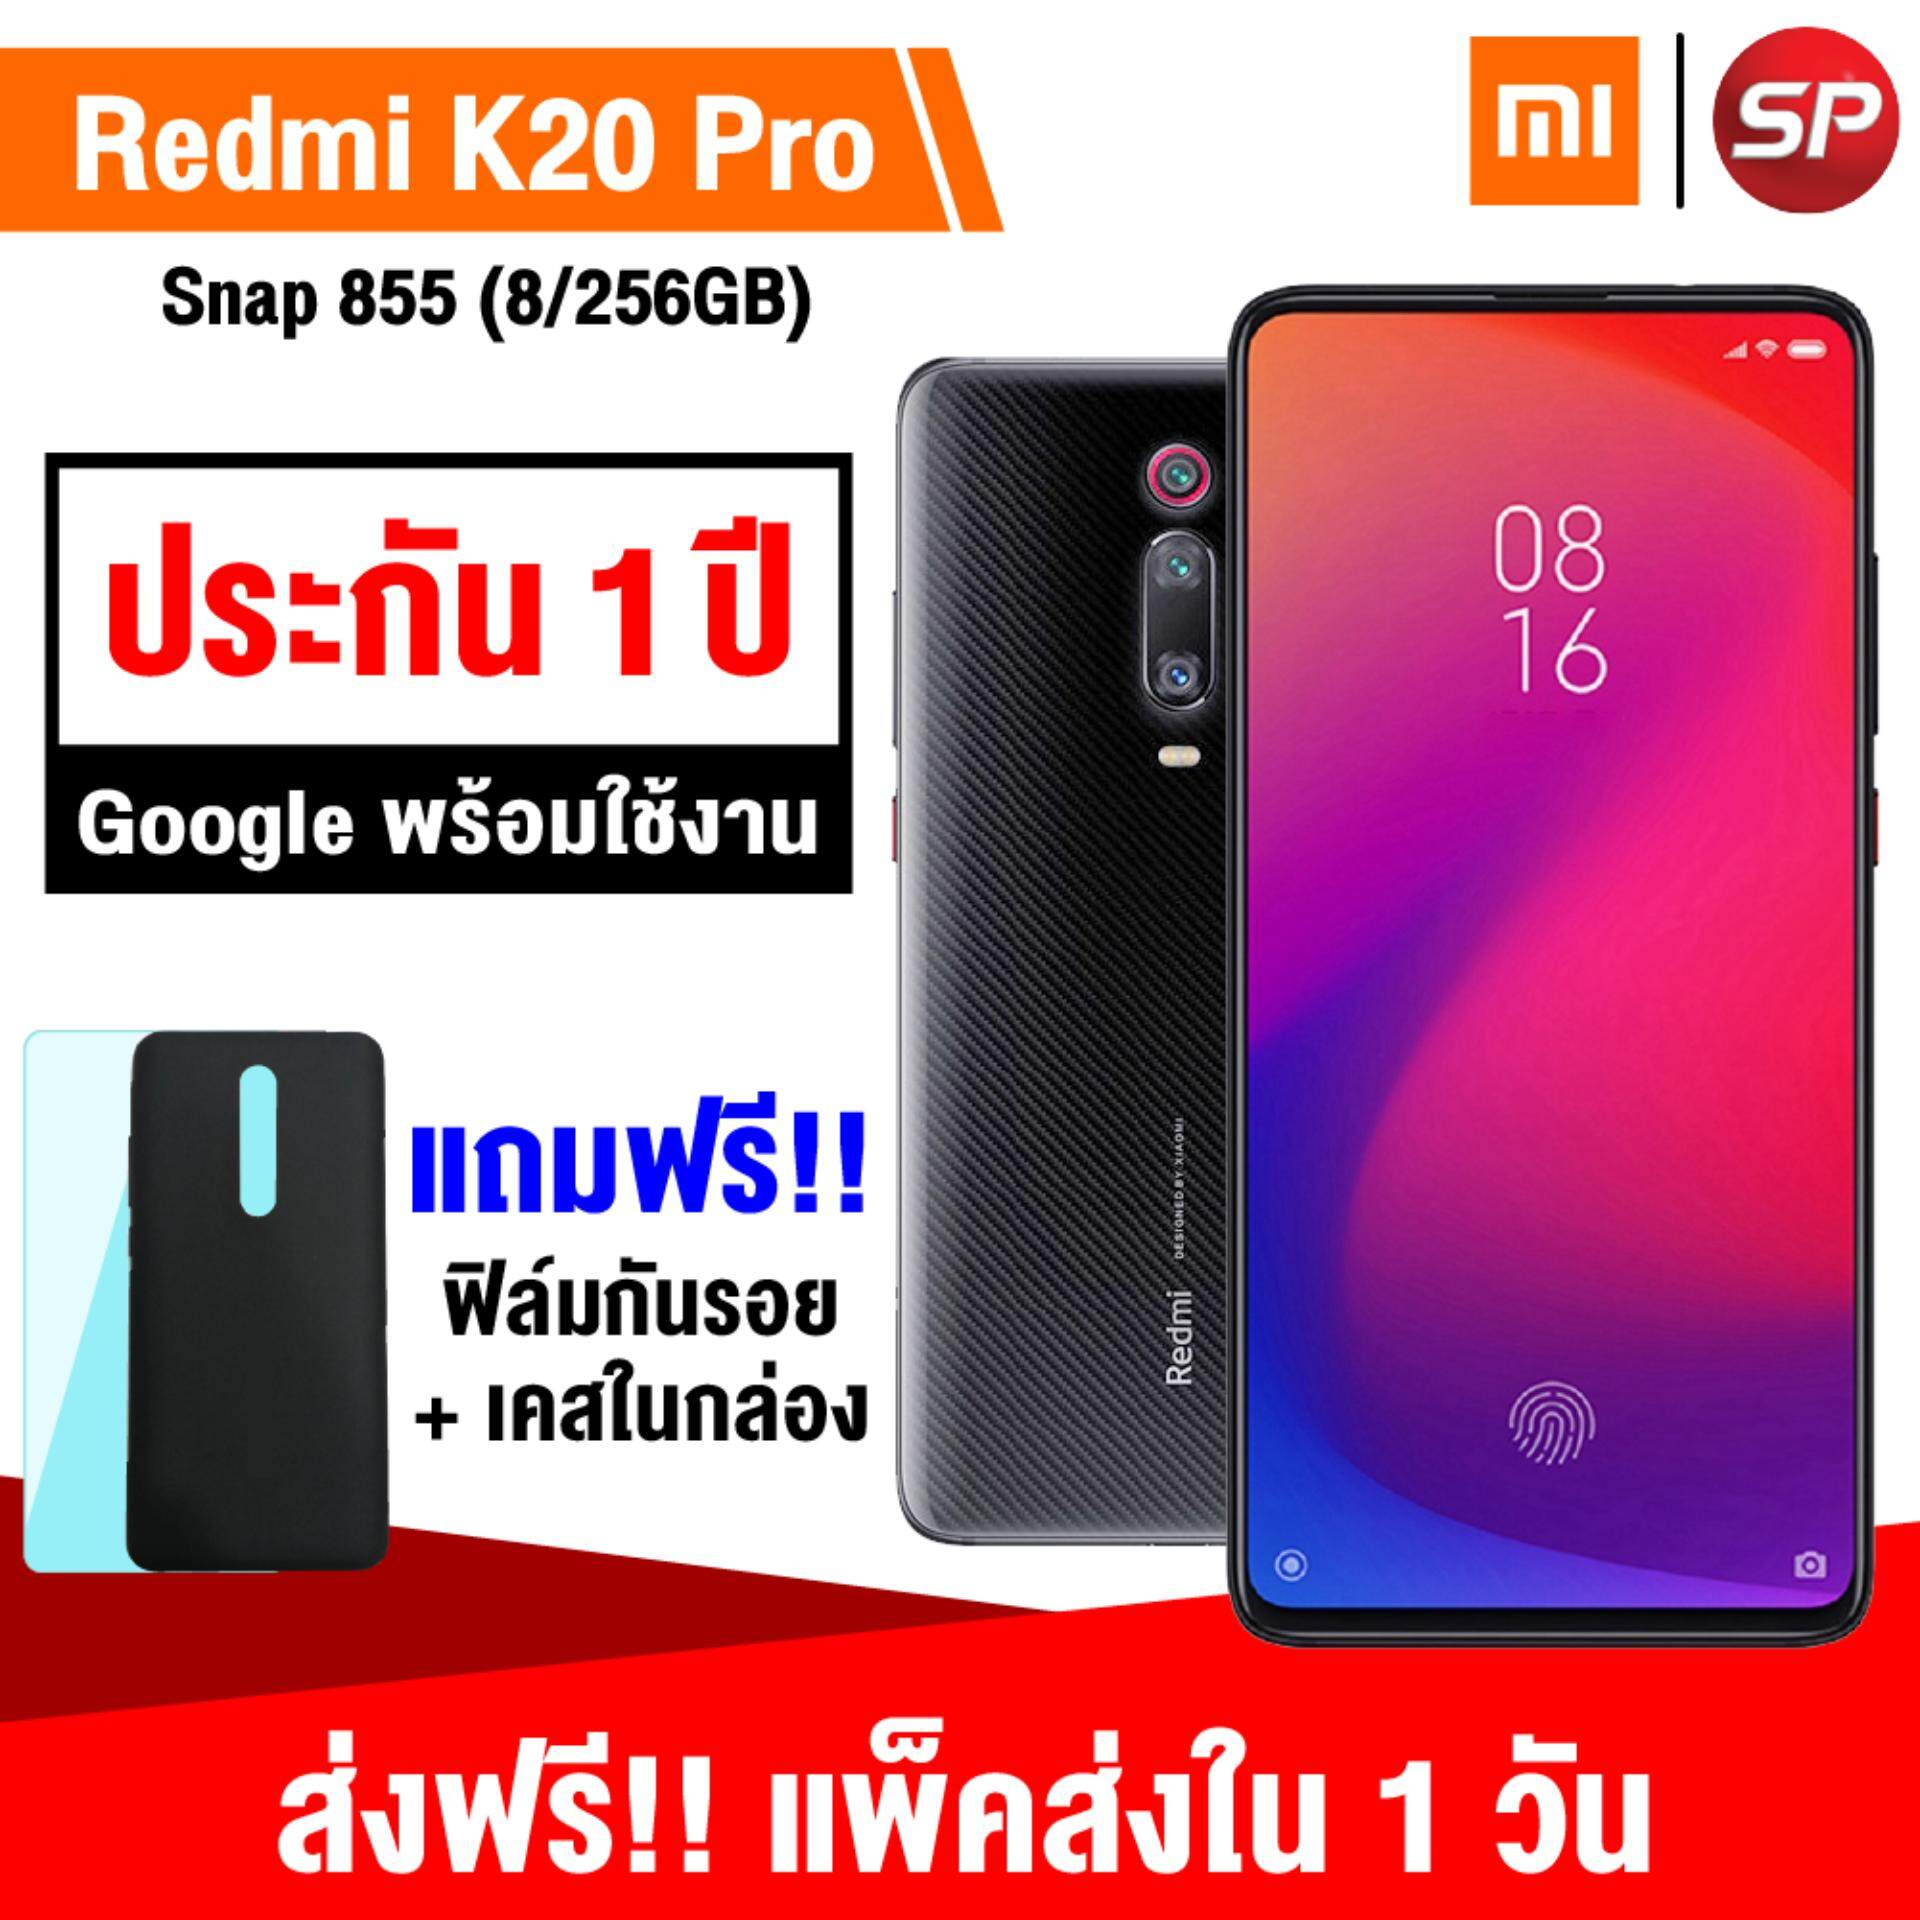 การใช้งาน  สตูล 【กดติดตามร้านรับส่วนลดเพิ่ม 3%】【แพ็คส่ง 1 วัน】【ใช้คูปองลดเพิ่ม】【ส่งฟรี!!】Xiaomi Redmi K20 Pro (8/256GB) พร้อมเคส Premium Black Case 【รับประกันร้าน 1 ปี】/ Thaisuperphone